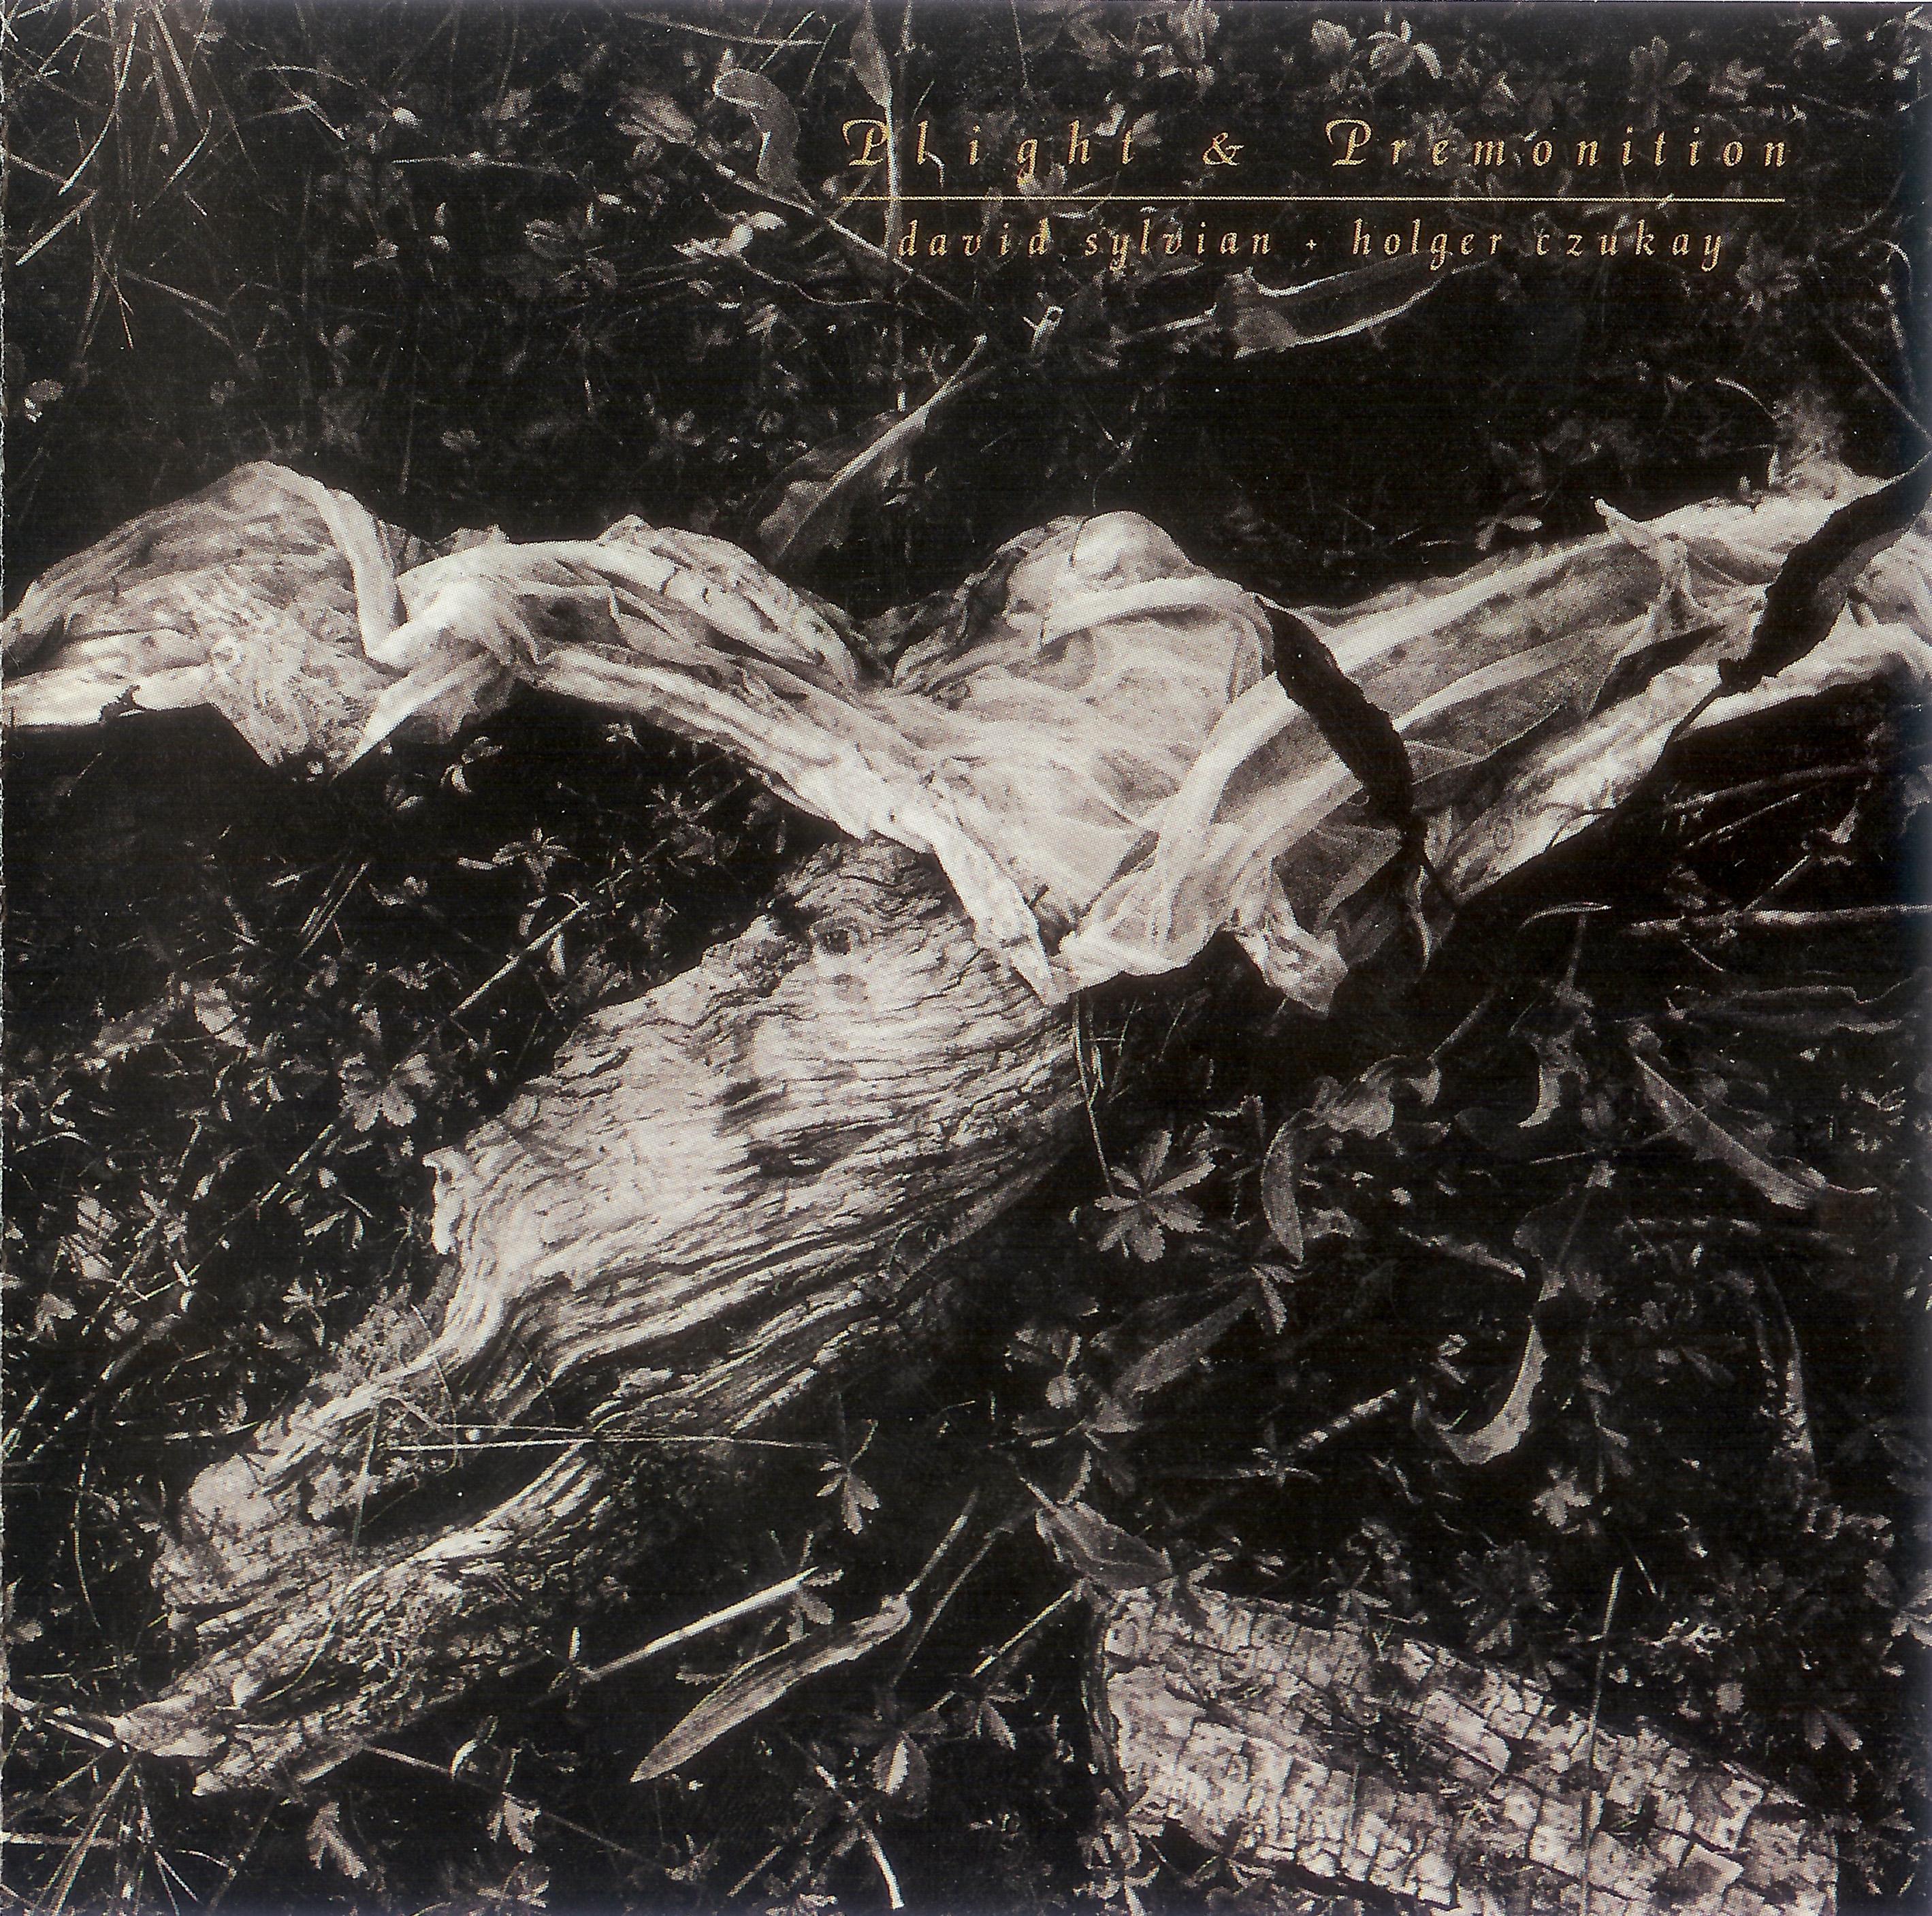 David Sylvian - Holger Czukay - Words With The Shaman